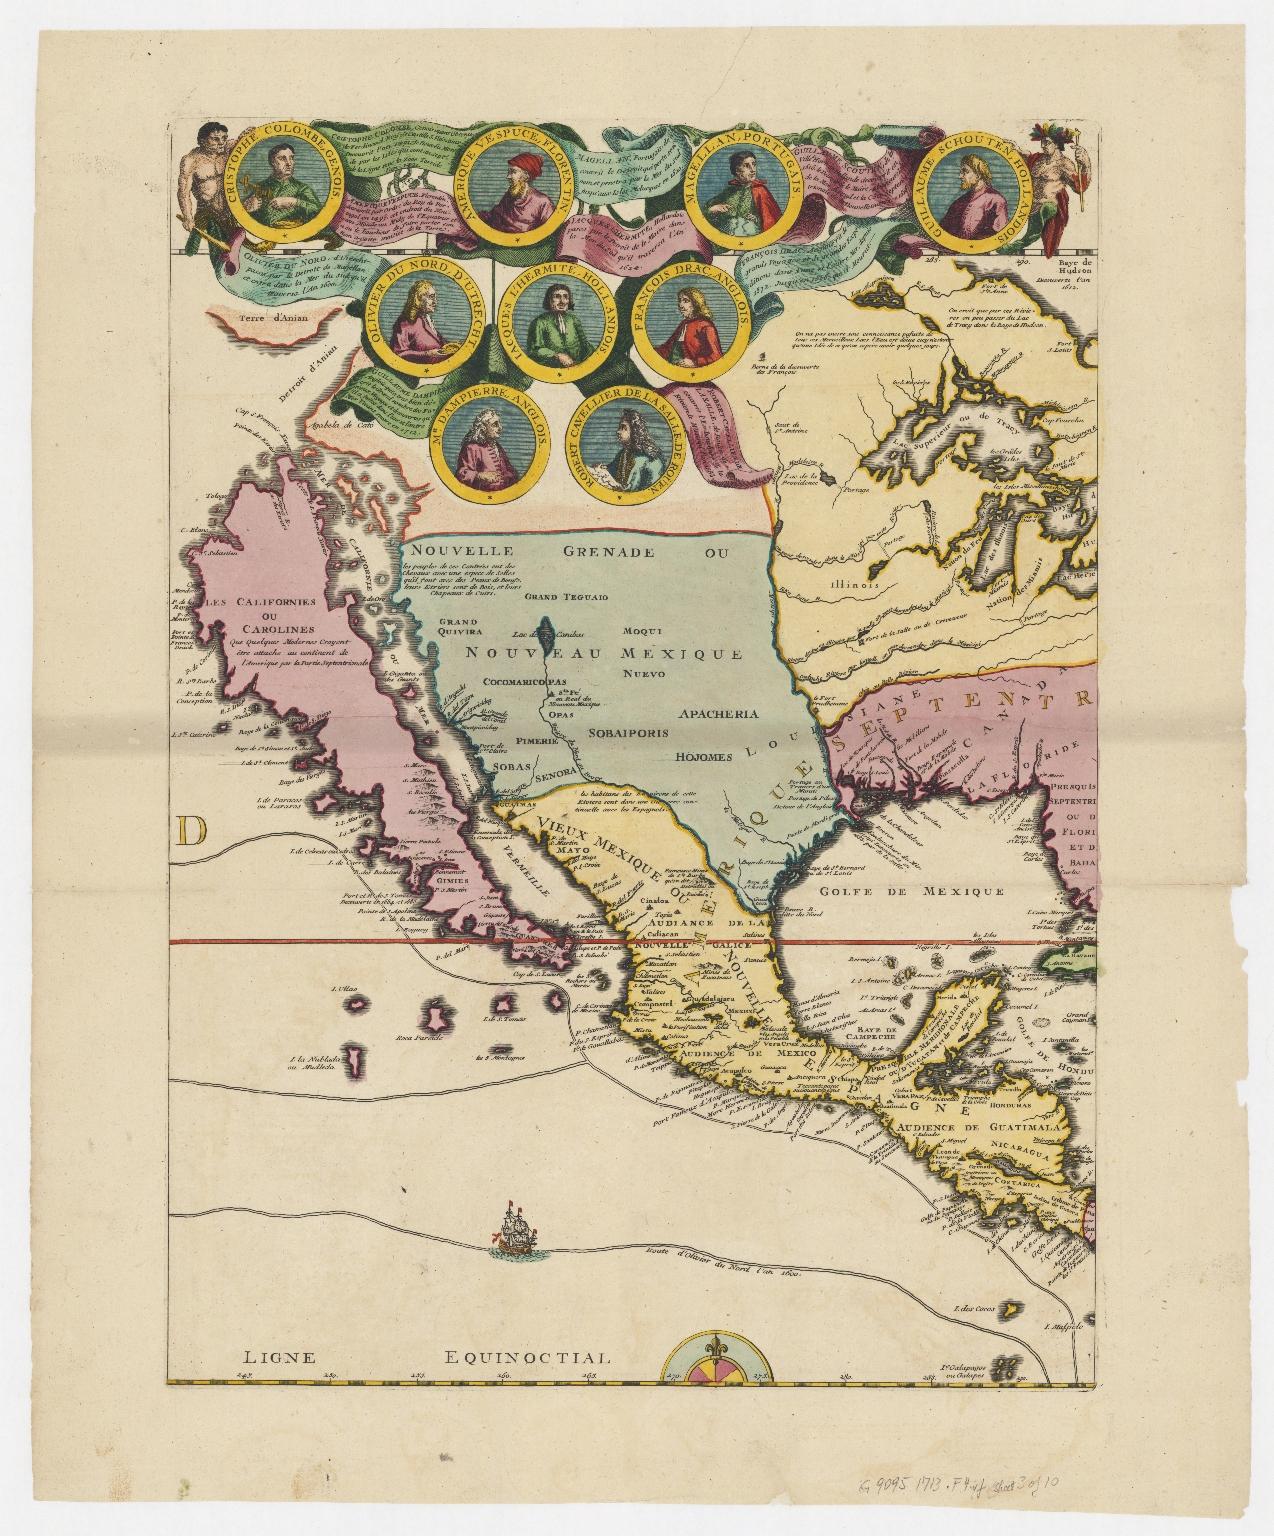 Carte de la Mer du Sud et de la Mer du Nord : ou se trouve les costes d'Amerique, d'Asie, d'Europe et d'Afrique situées sur ces mers. Part 3